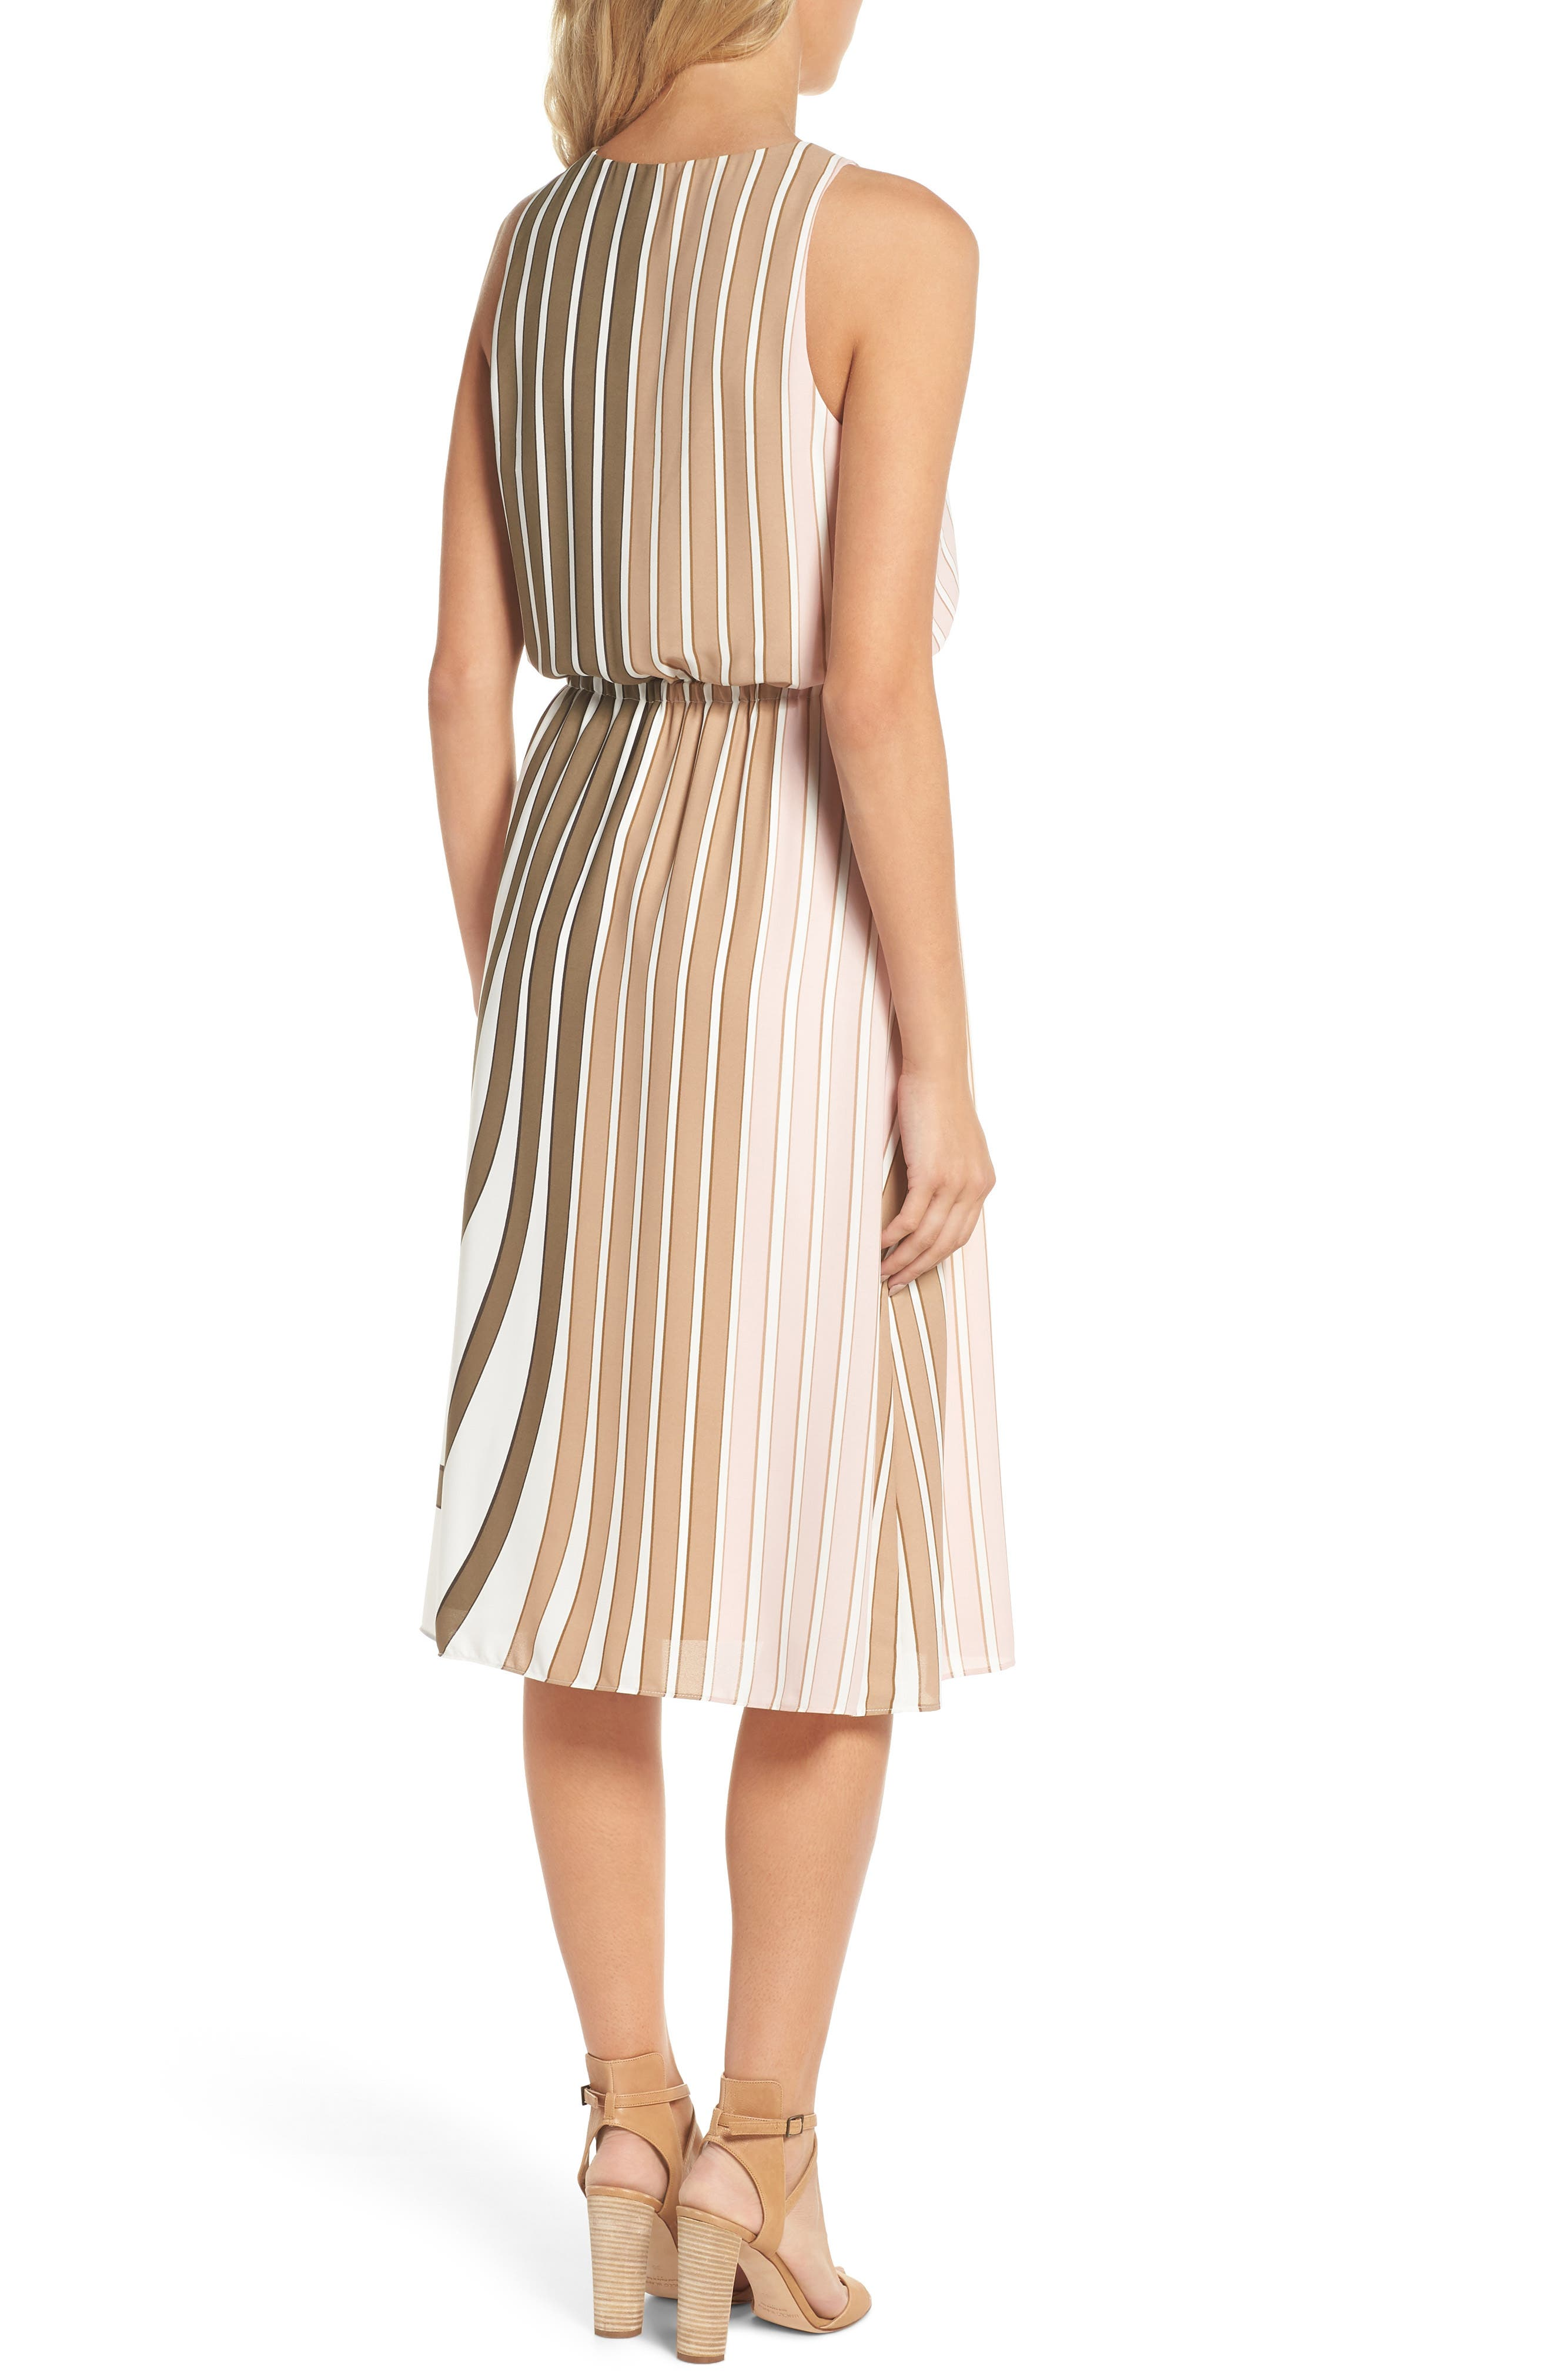 Blouson Midi Dress,                             Alternate thumbnail 2, color,                             Olive Multi